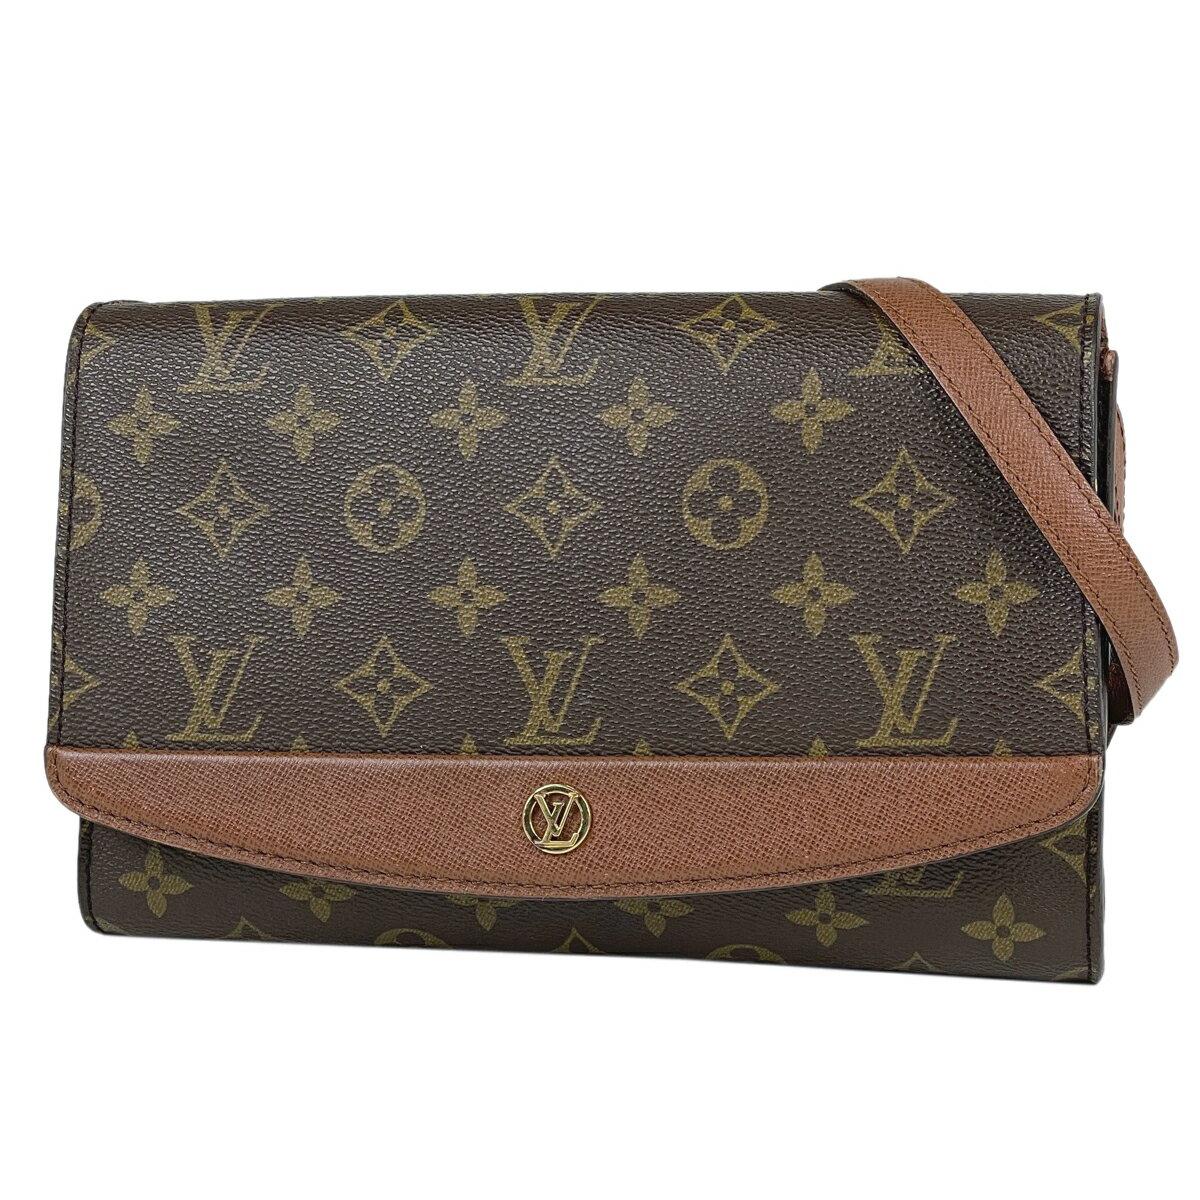 レディースバッグ, クラッチバッグ・セカンドバッグ  Louis Vuitton 2WAY M51798